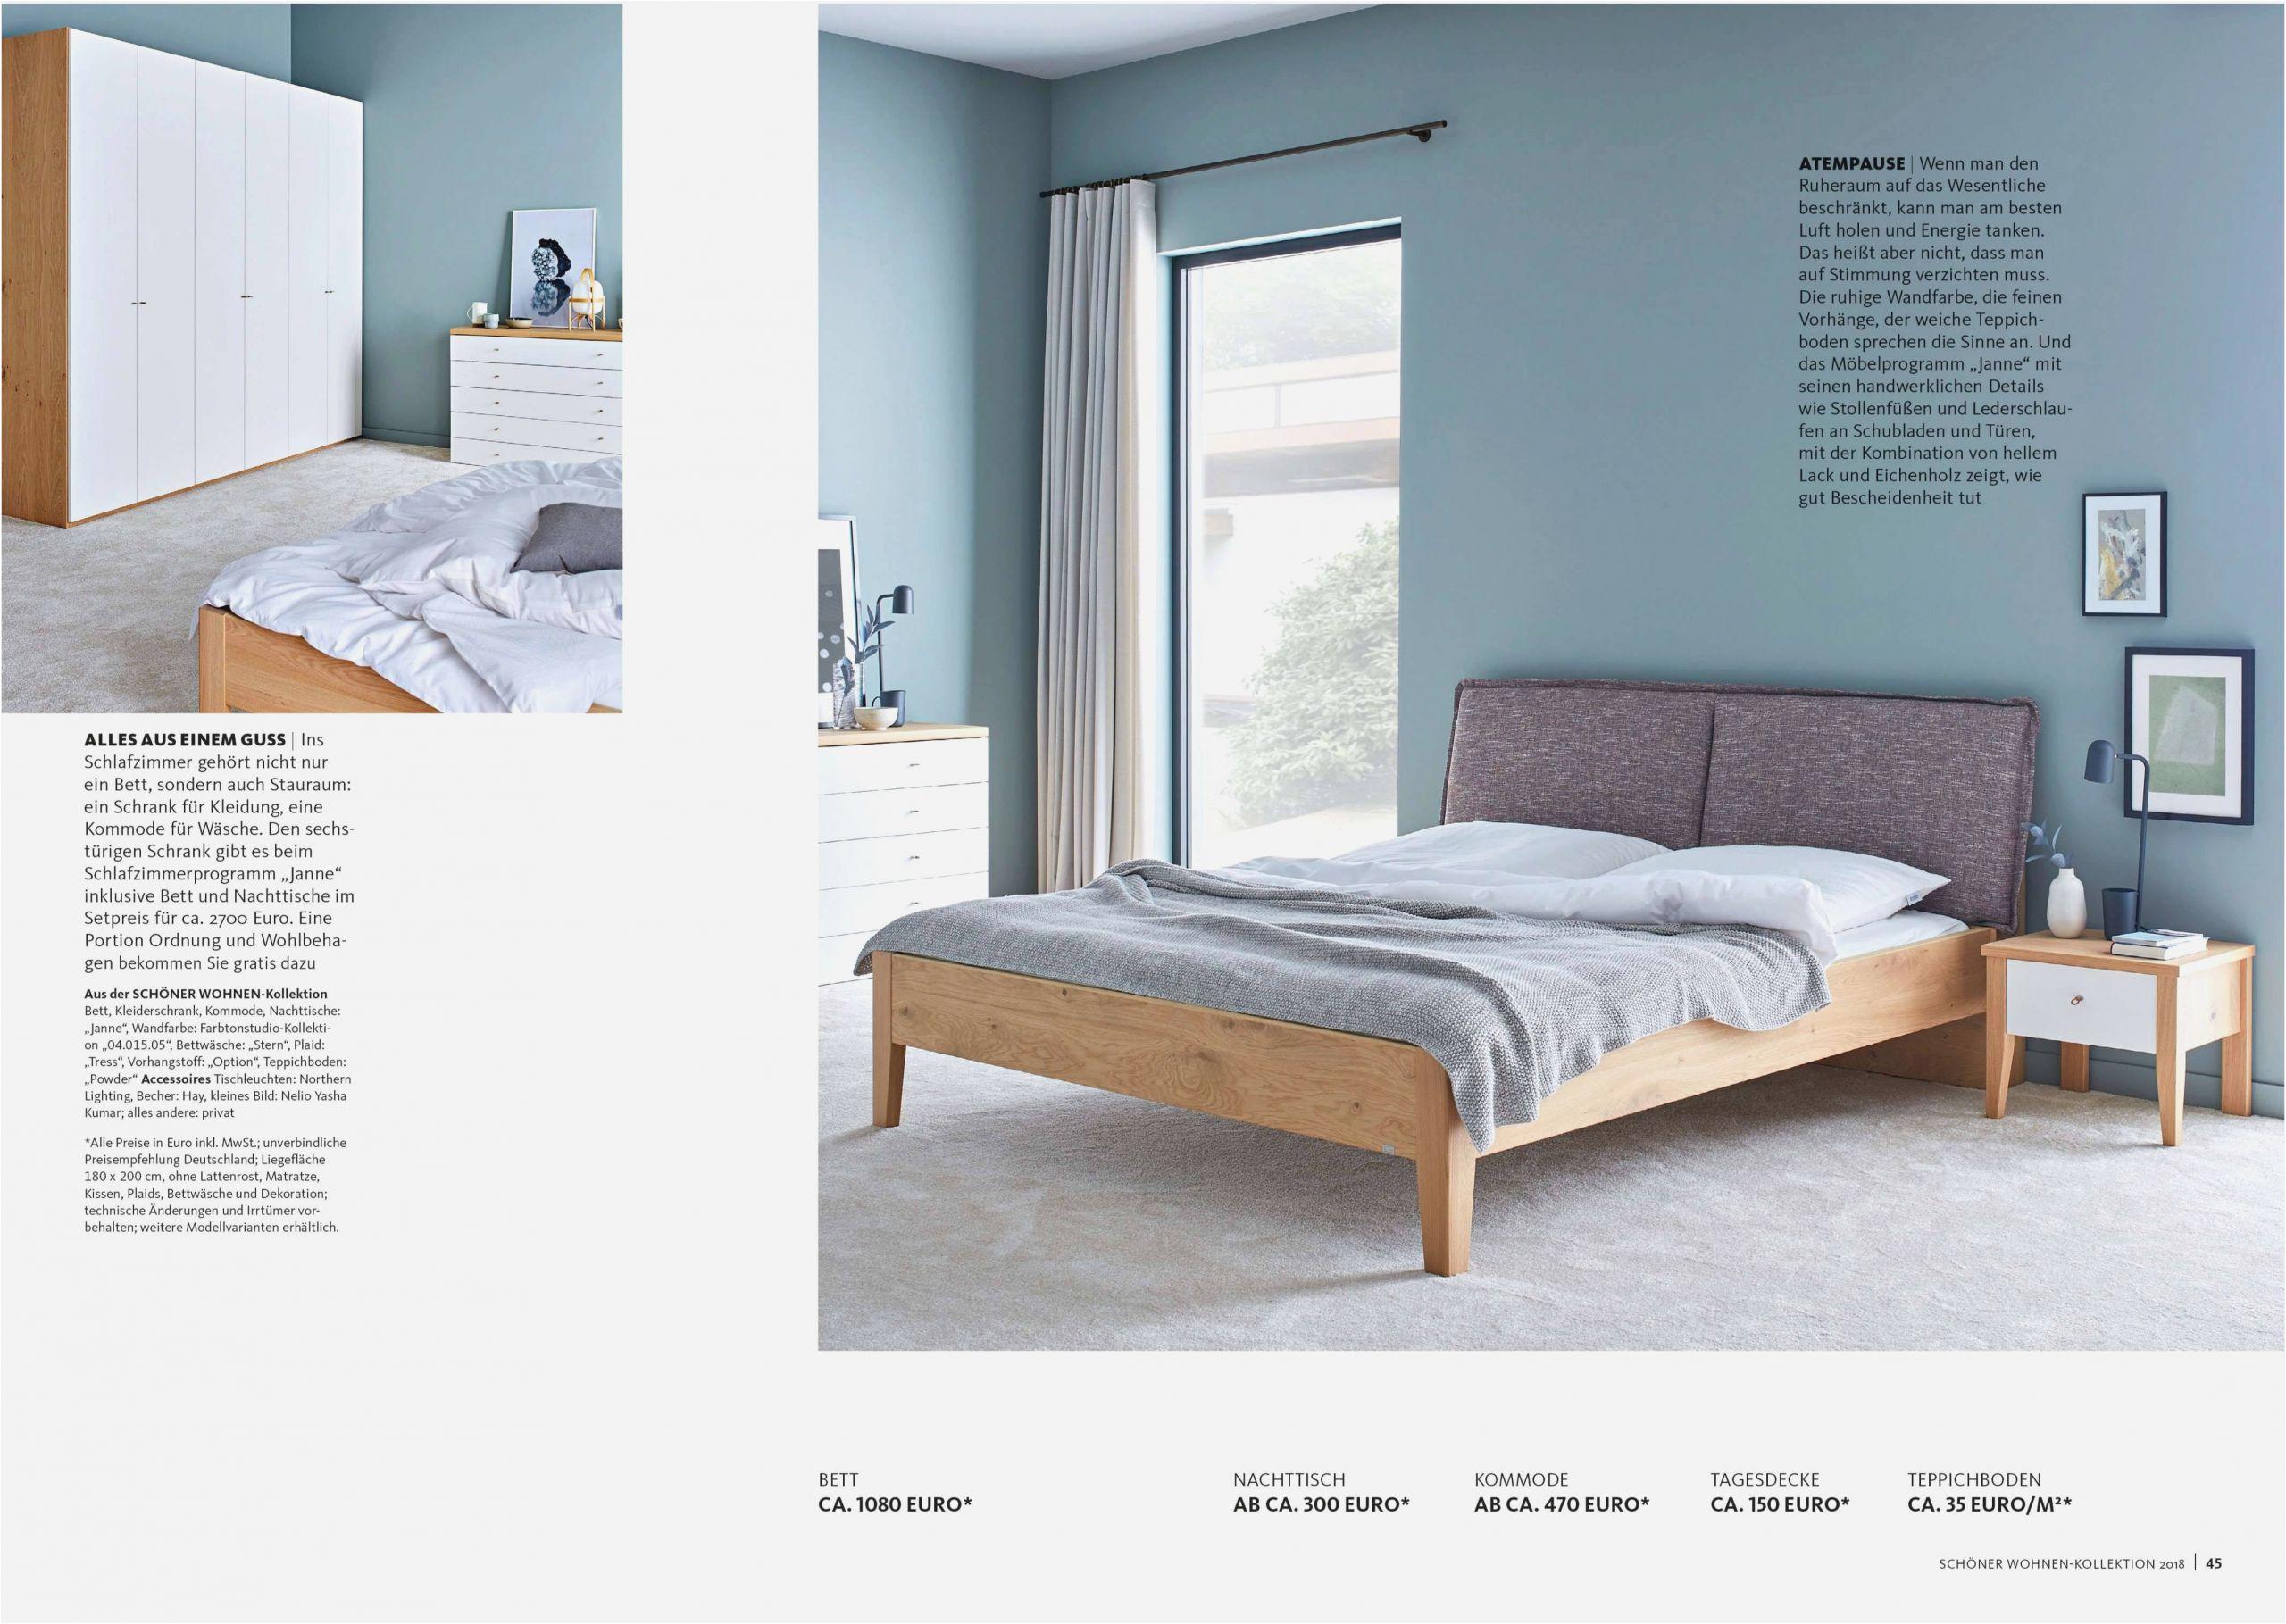 Schlafzimmer Farbe Nach Feng Shui Bilder Feng Shui Schlafzimmer Schlafzimmer Traumhaus